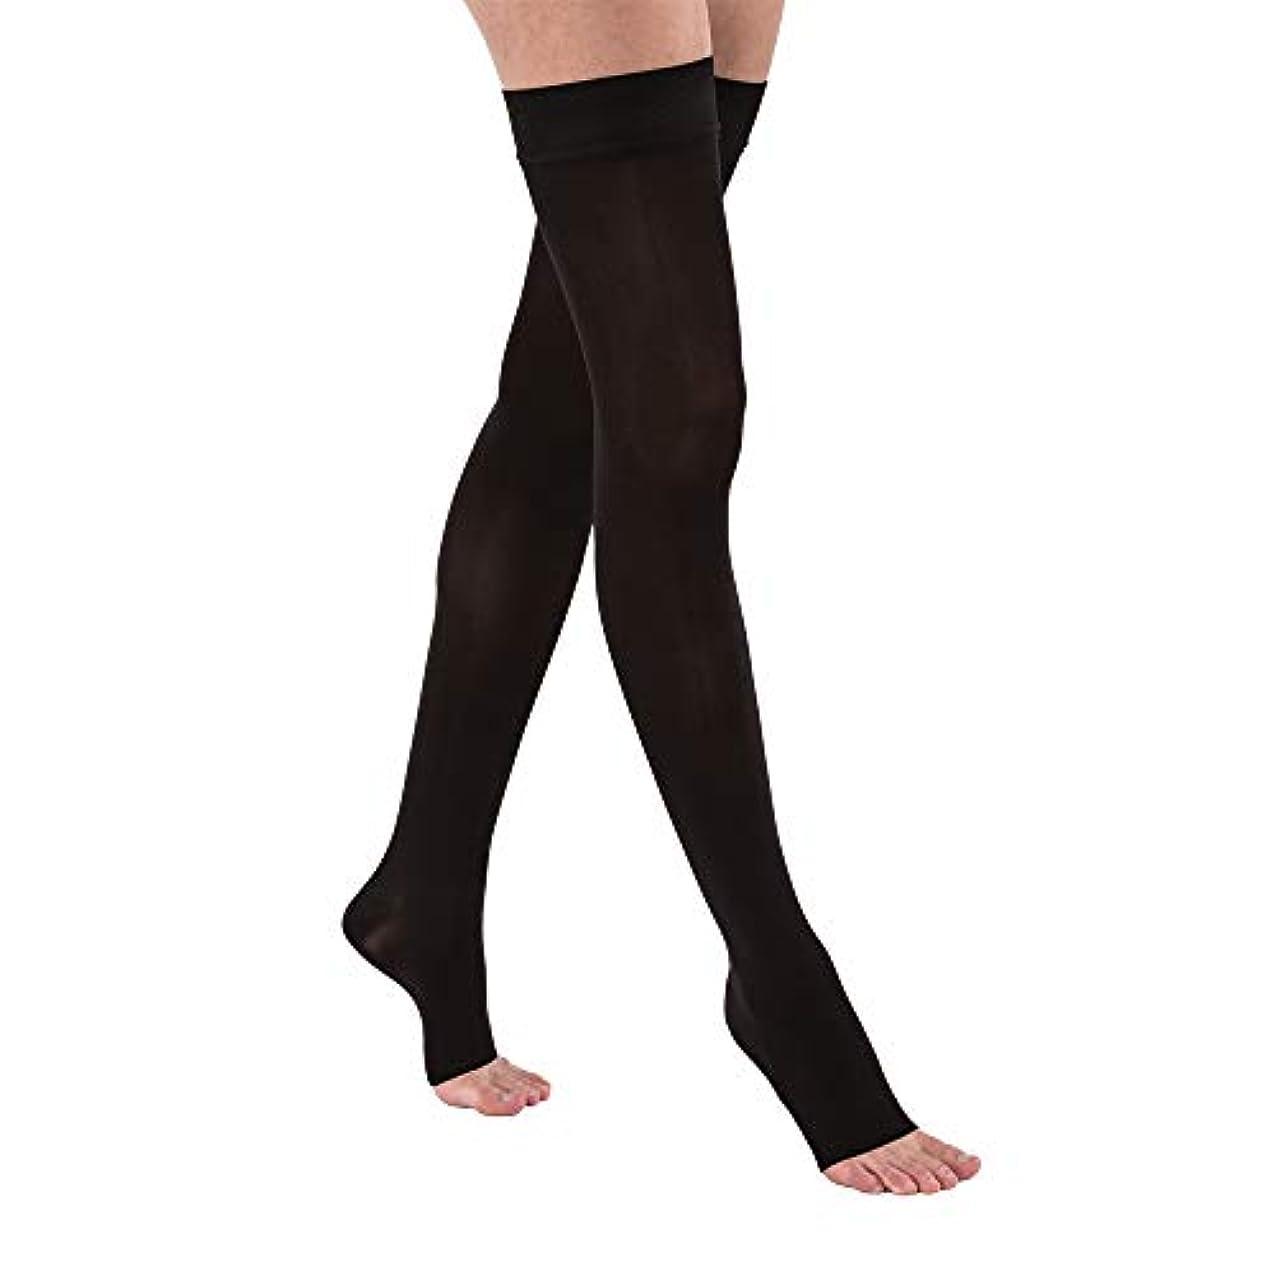 インド禁止トランジスタJobst 115556 Opaque OPEN TOE Thigh High 15-20 mmHg Support Stockings - Size & Color- Classic Black Small